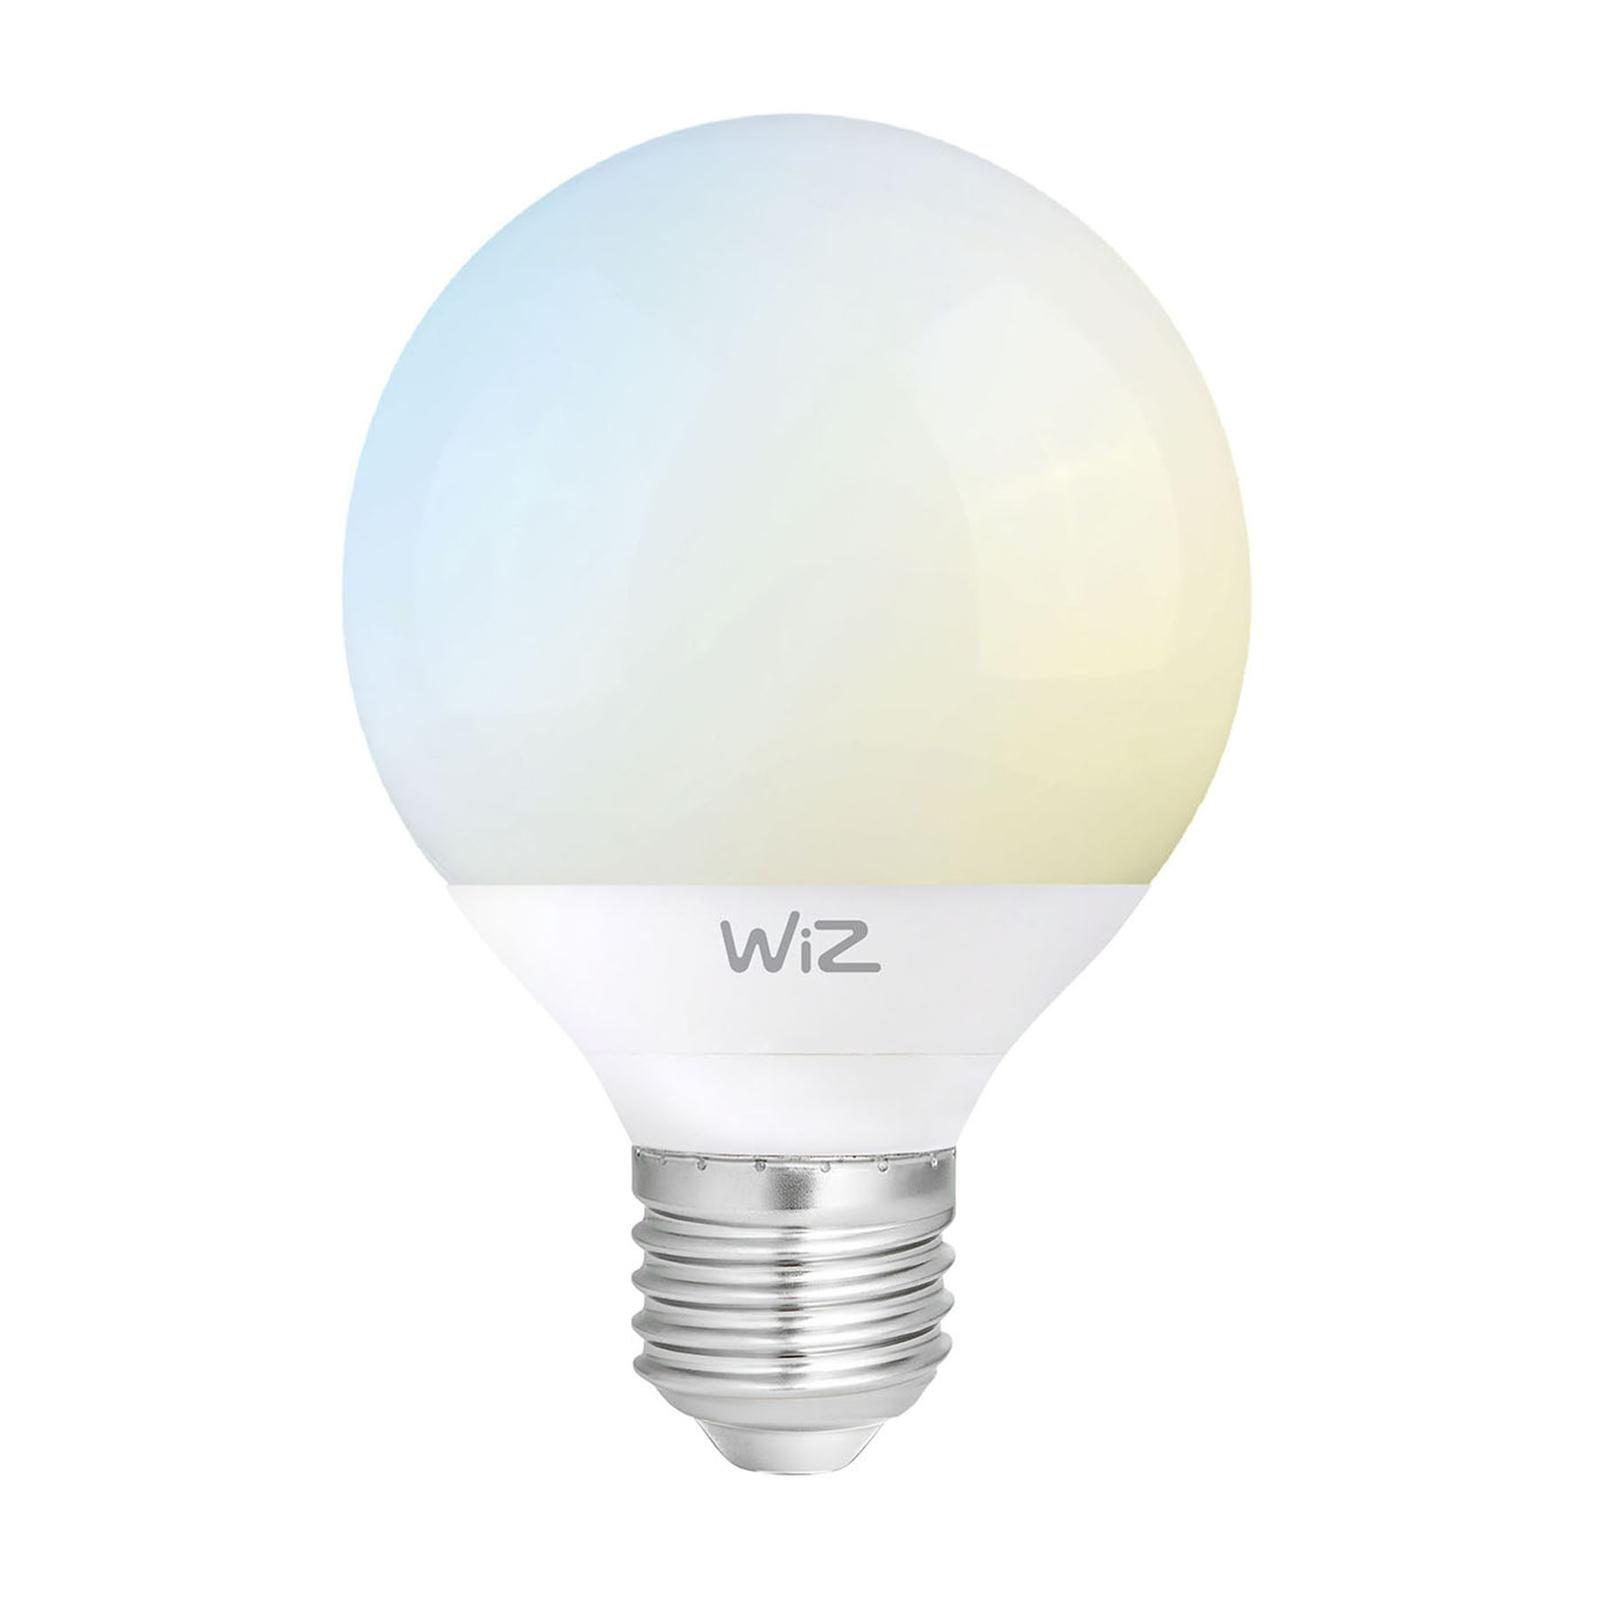 WiZ E27 żarówka LED globe G95 matowa 2700-6500K